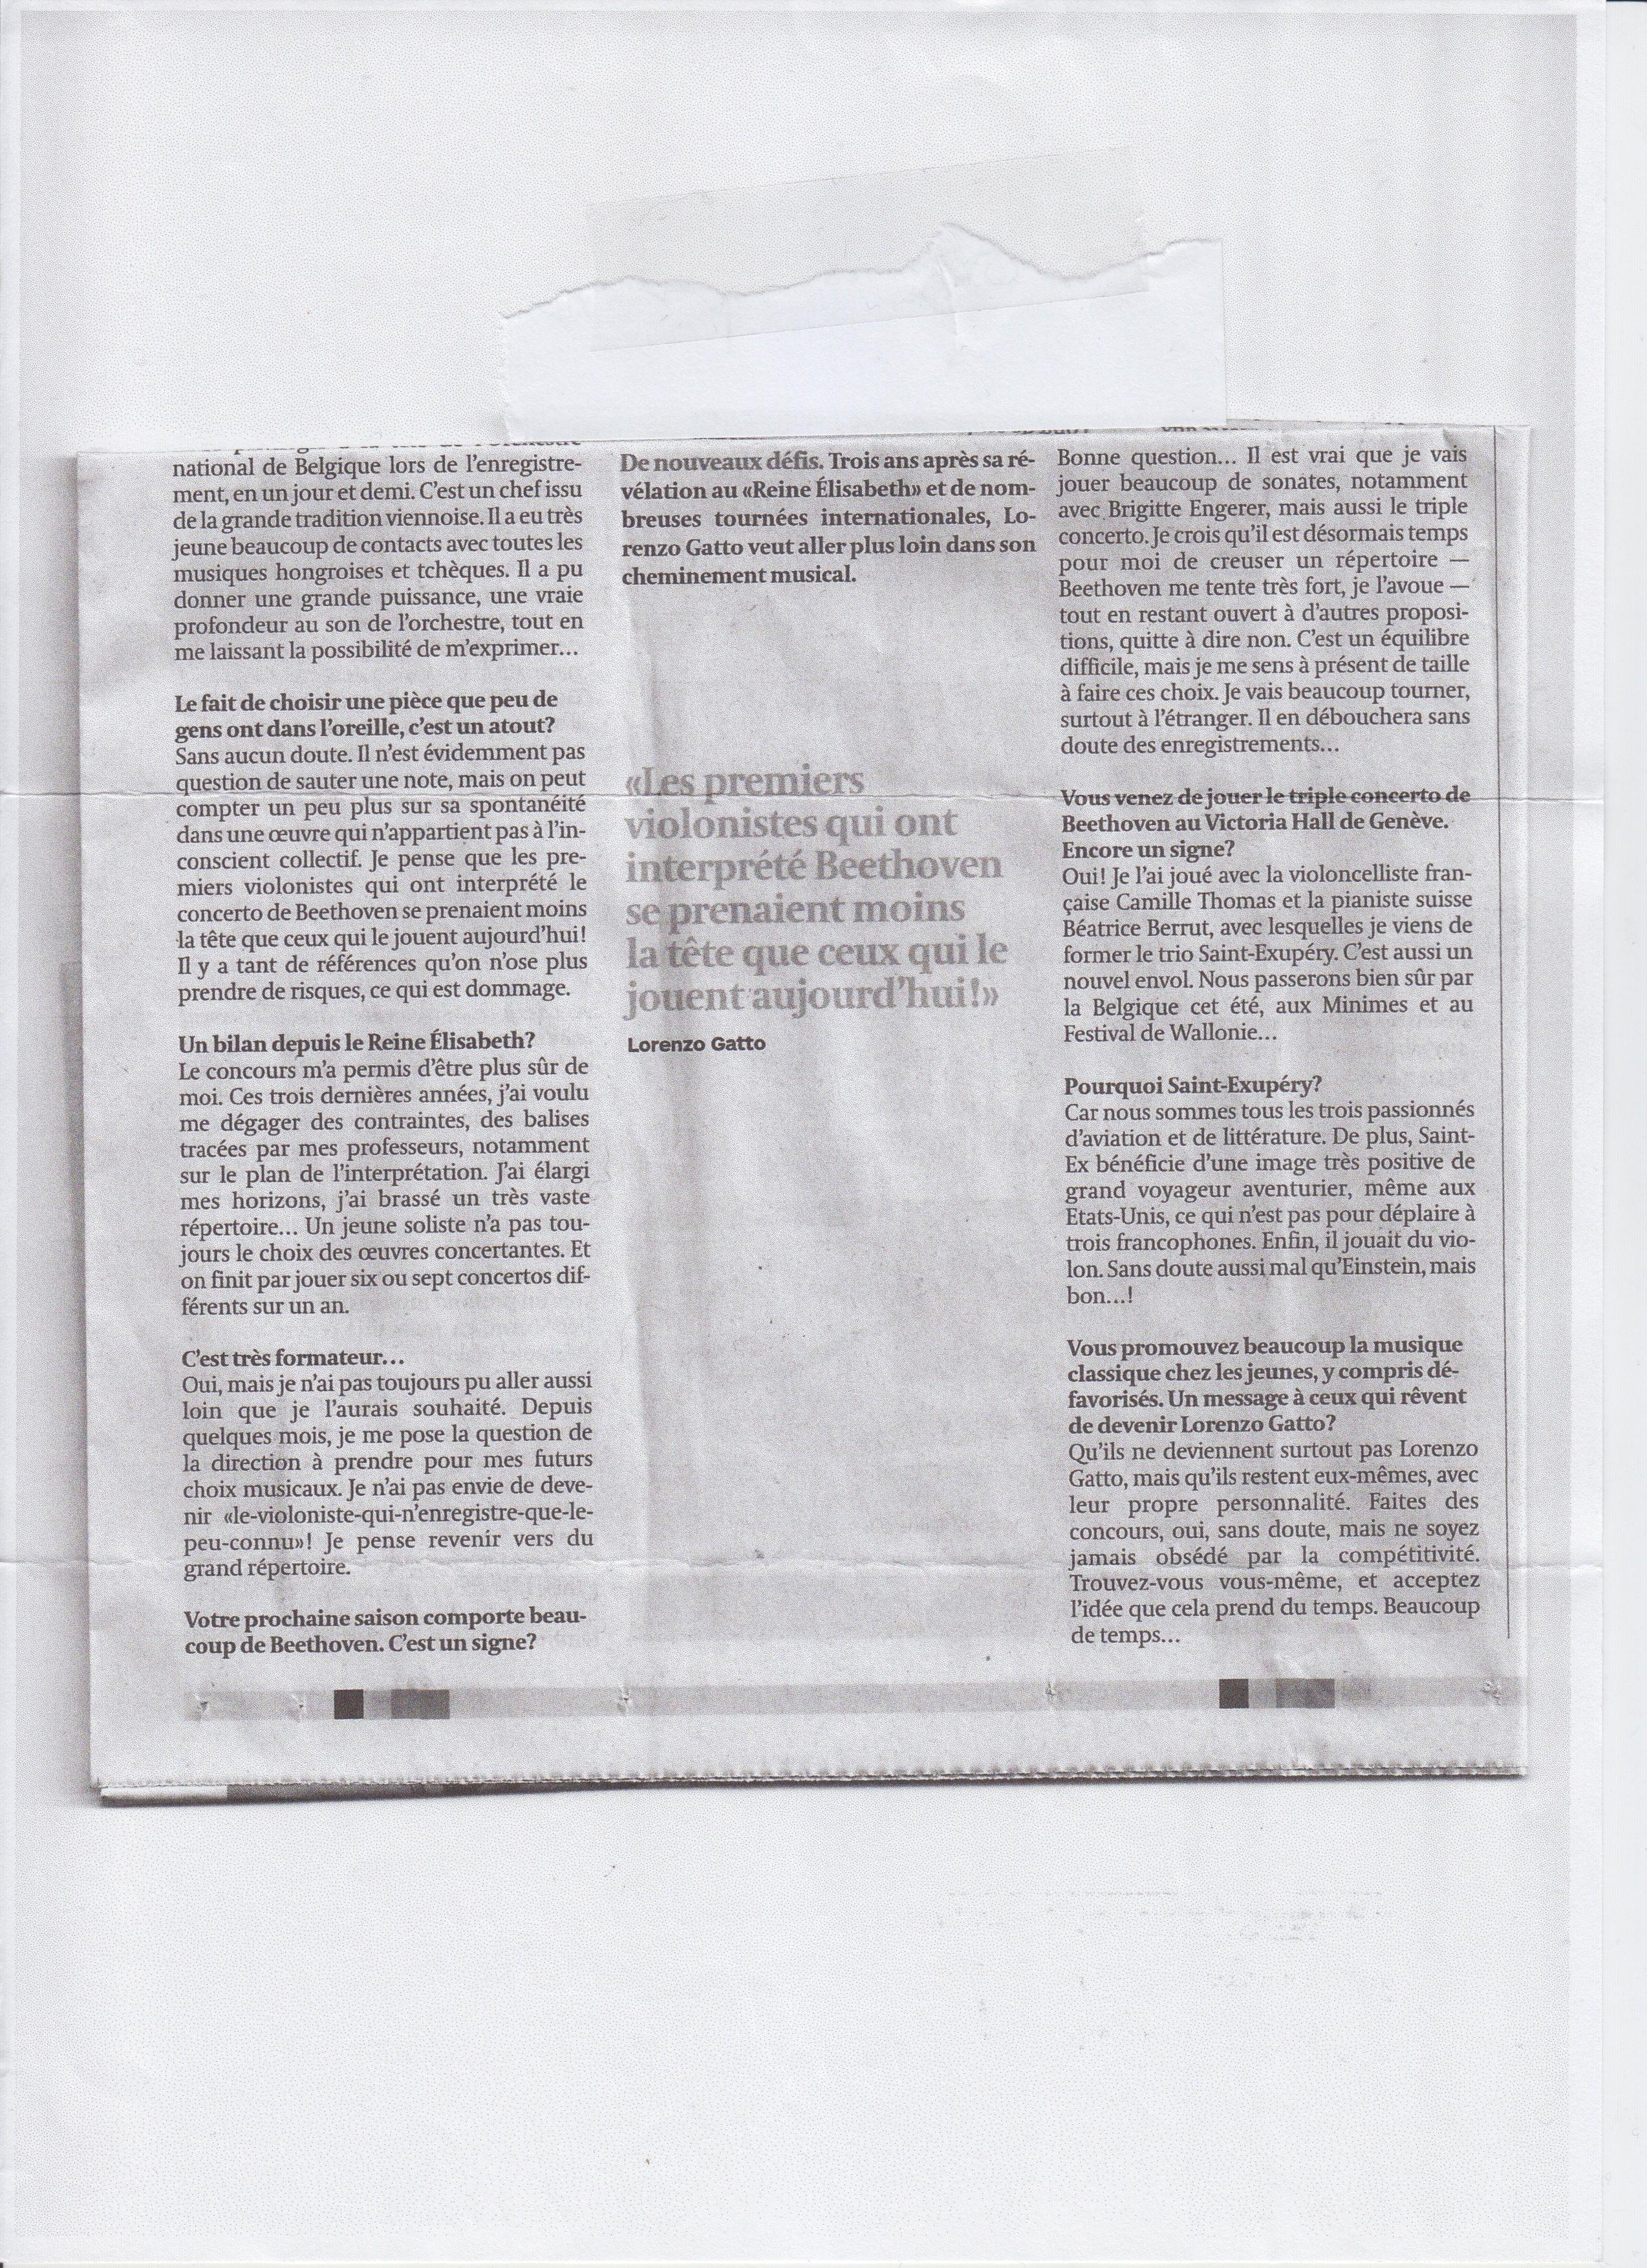 """#LorenzoGatto """"L'heure du tournant pour Lorenzo Gatto"""", Stéphane Renard, Les Echos, 21/04/2009. 2/2"""